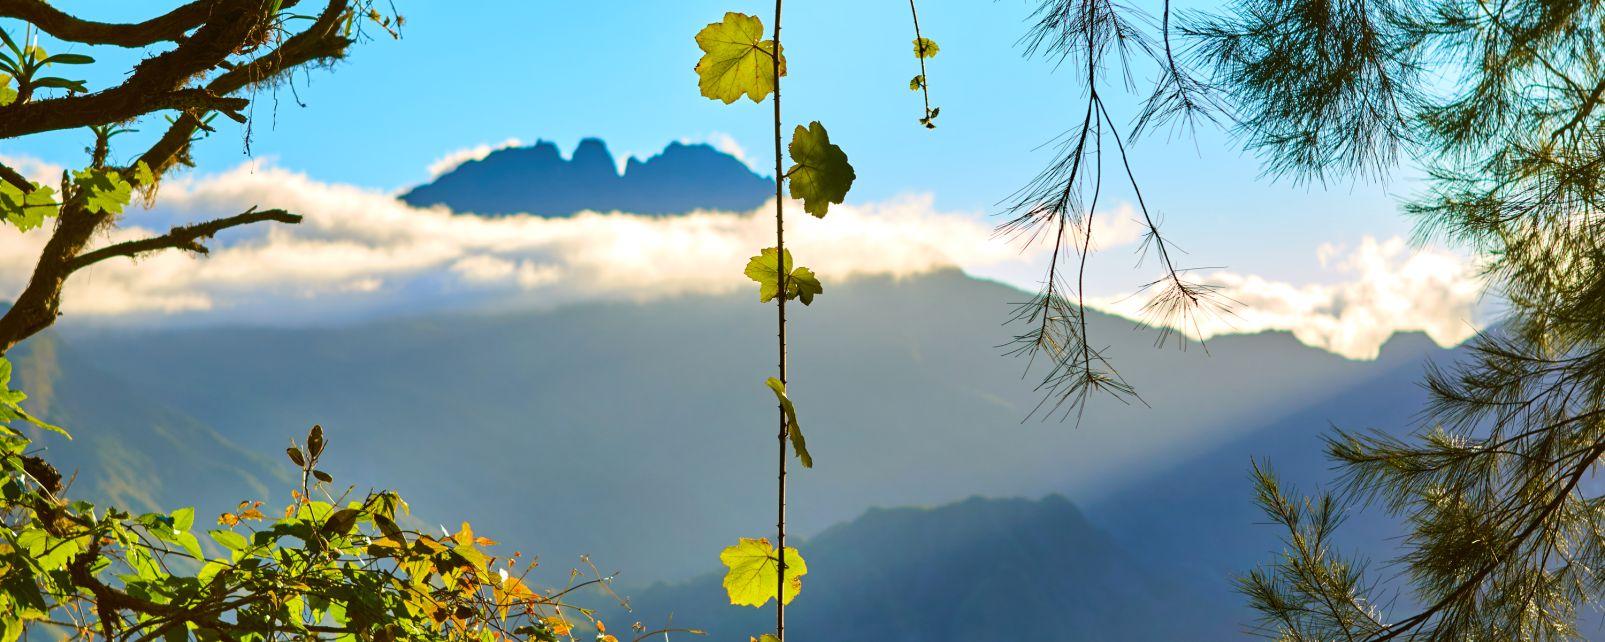 La flora della Réunion, La flora, La fauna e la flora, La Riunione